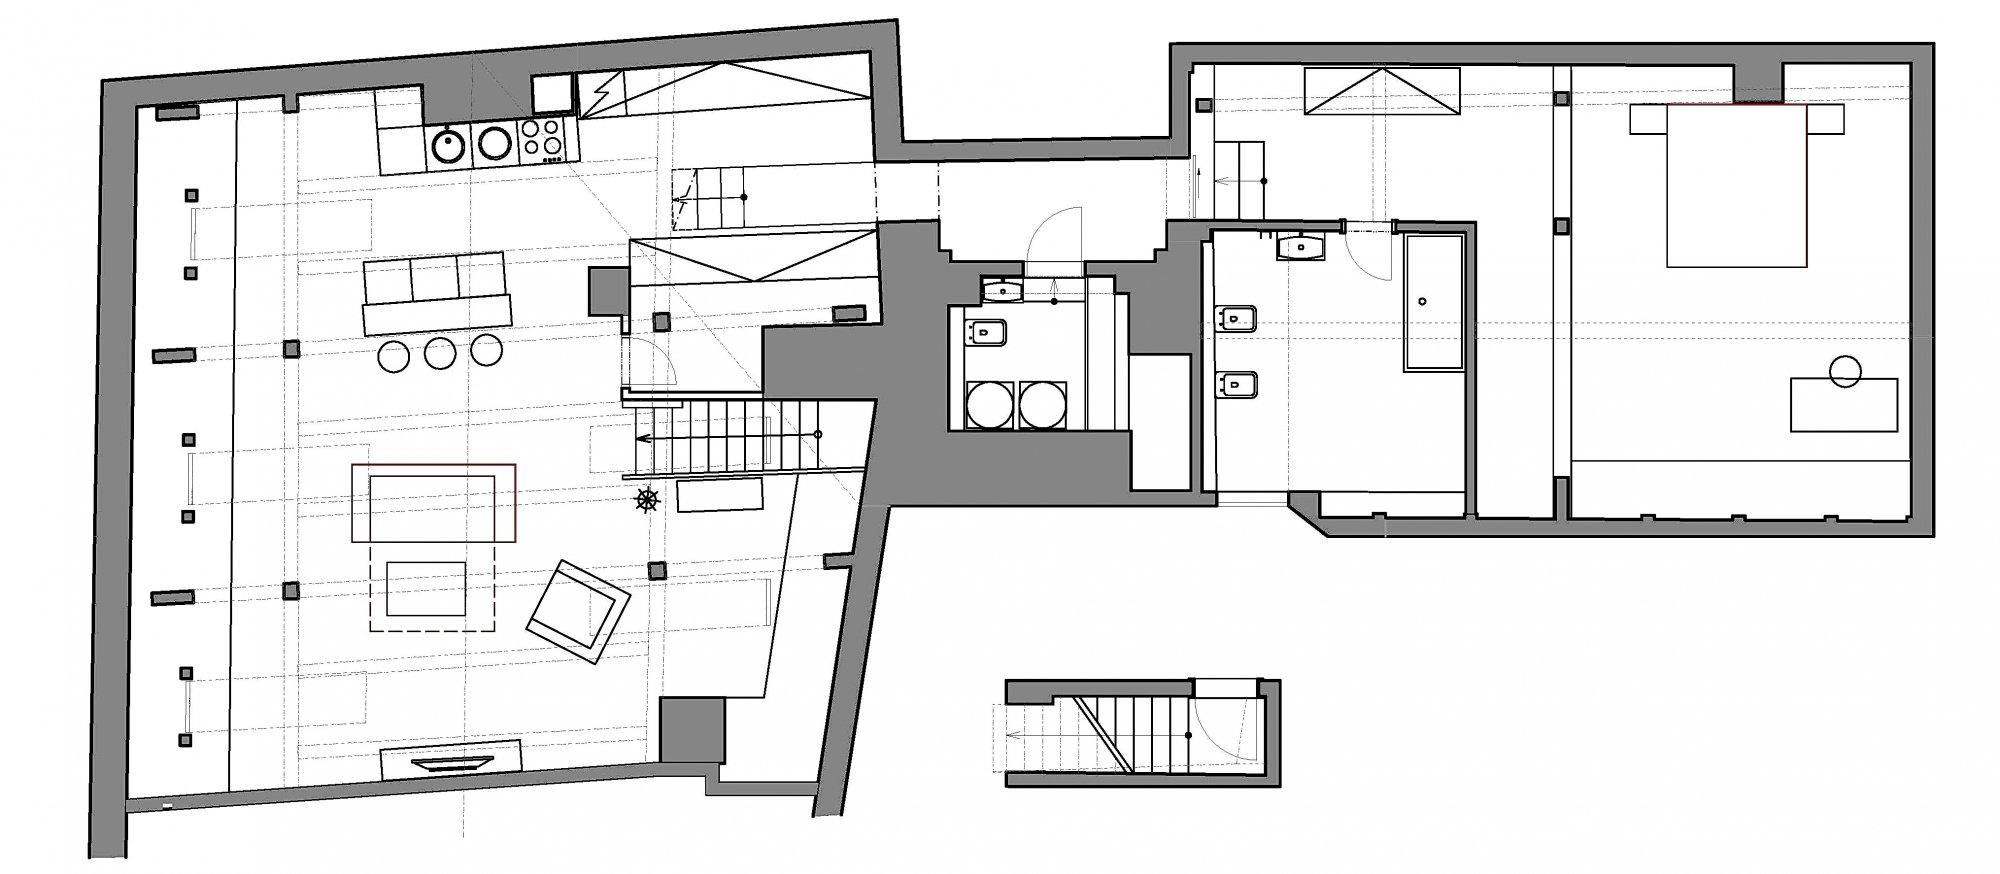 Půdorys - Půdní byt 2+kk, plocha 127 m², ulice Thunovská, Praha 1 - Malá Strana